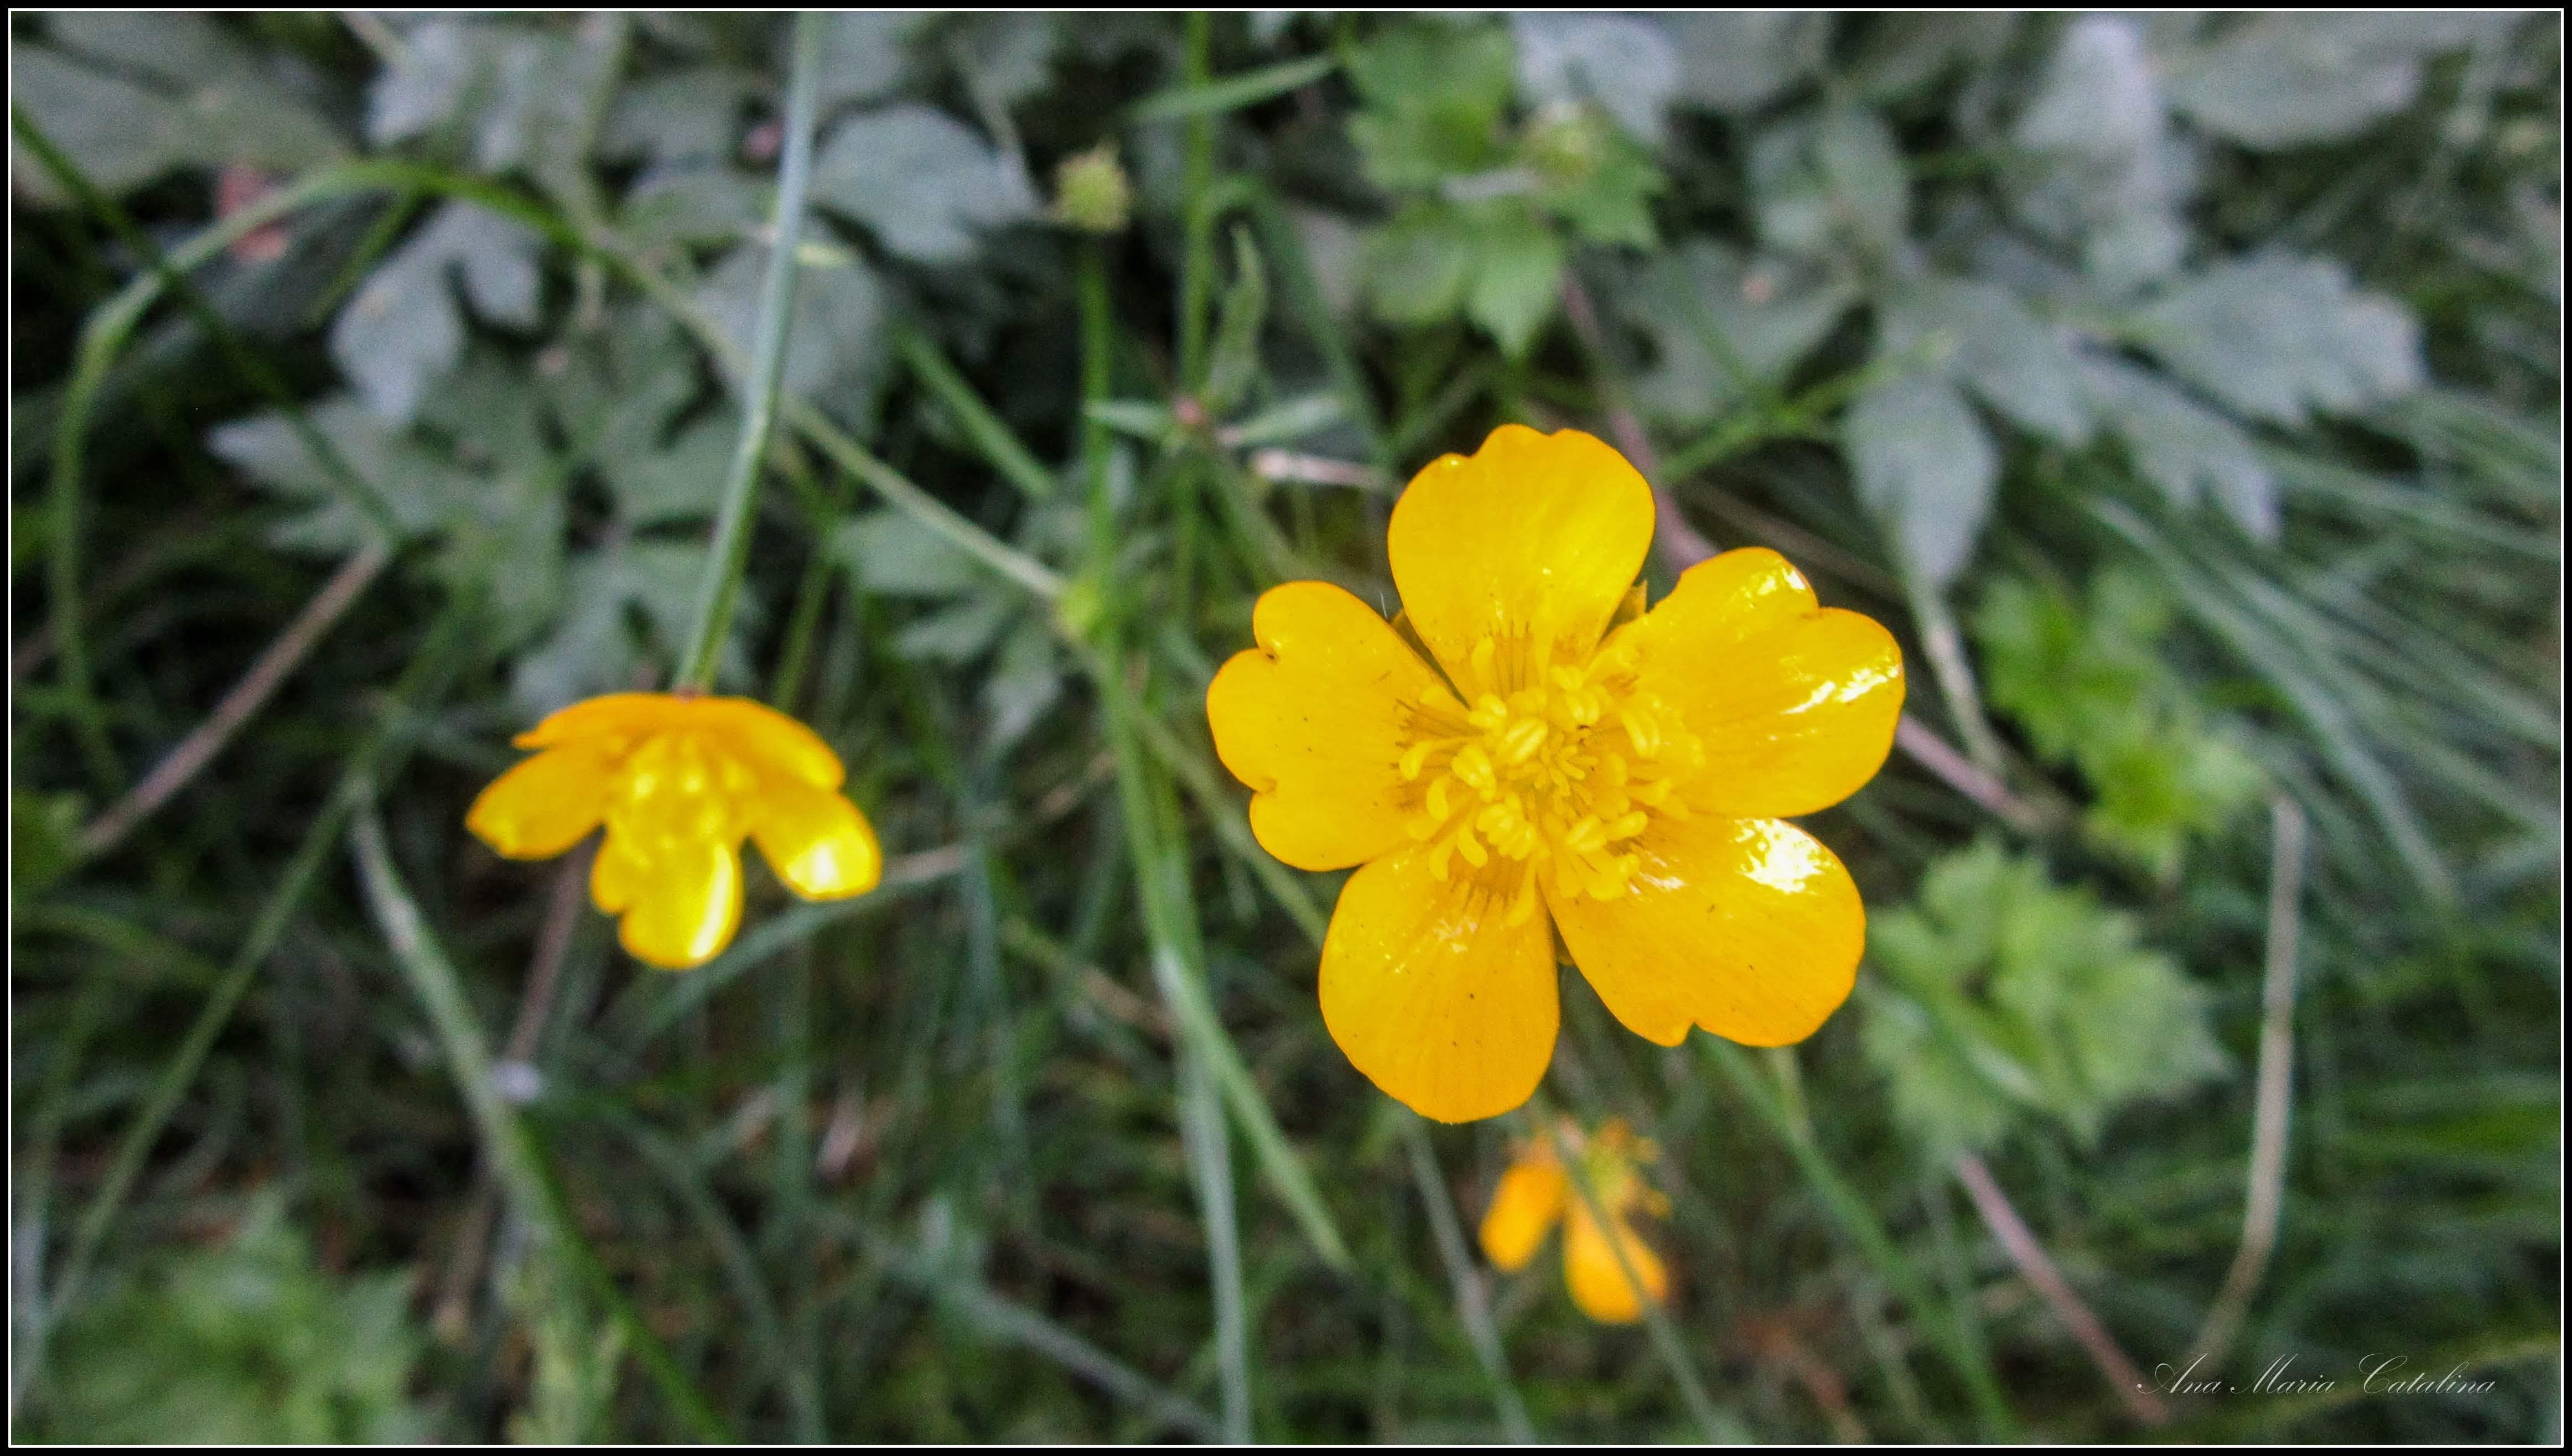 Photo: Piciorul cocoșului (Ranunculus repens L.) de pe Str. Libertatii - 2018.05.24  album:  http://ana-maria-catalina.blogspot.ro/2018/05/piciorul-cocosului-ranunculus-repens-l.html